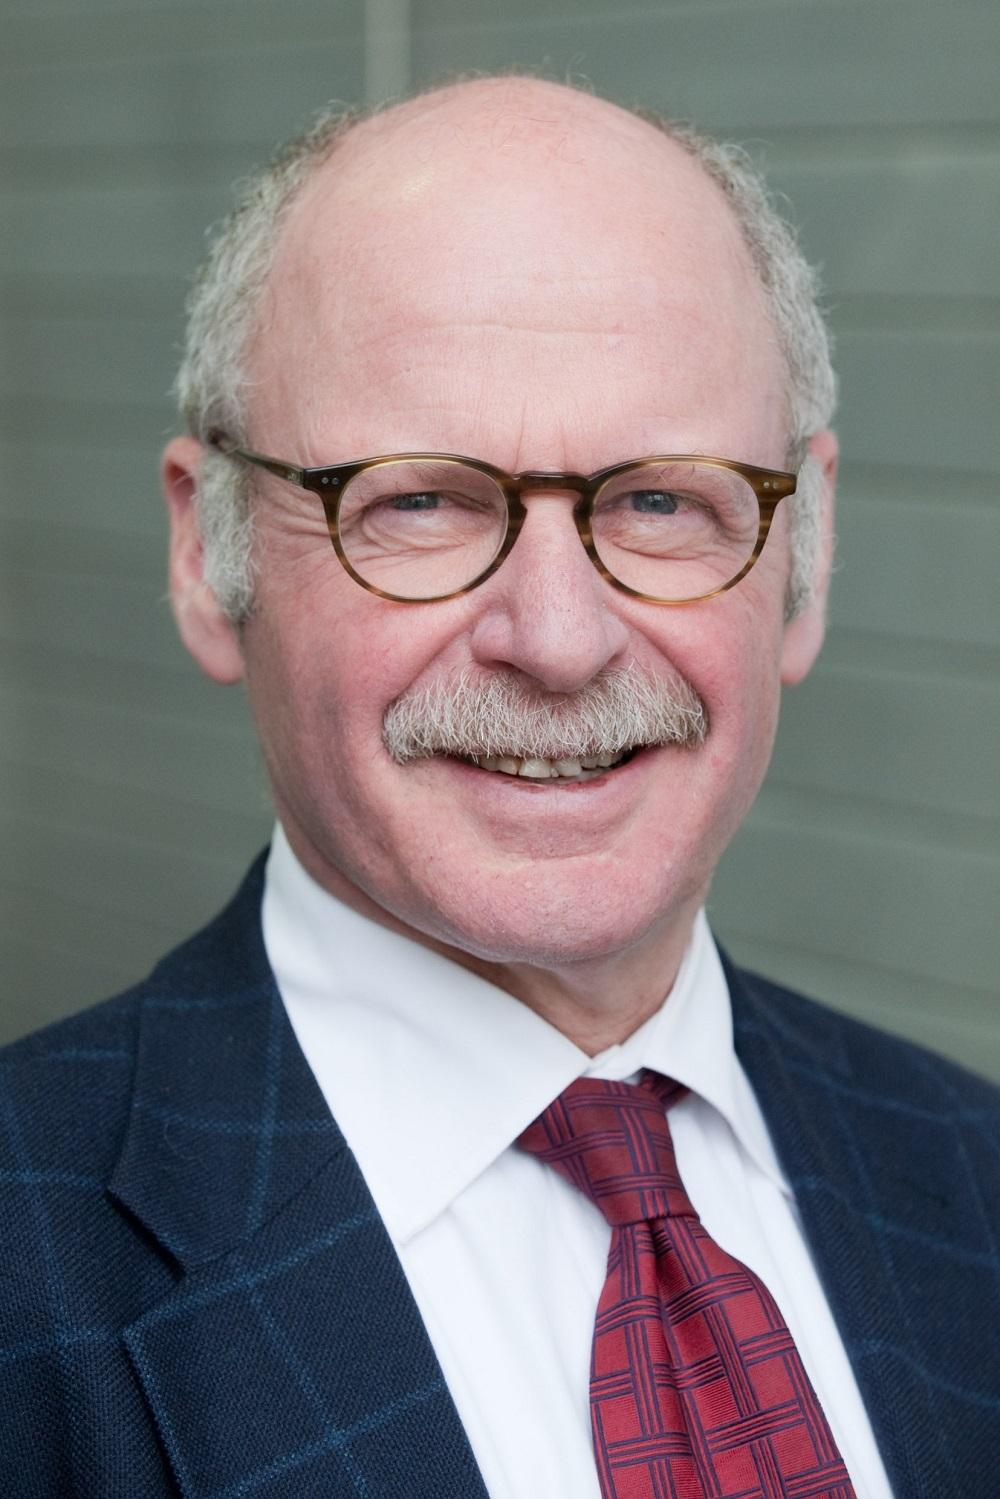 Dr. John Sanders